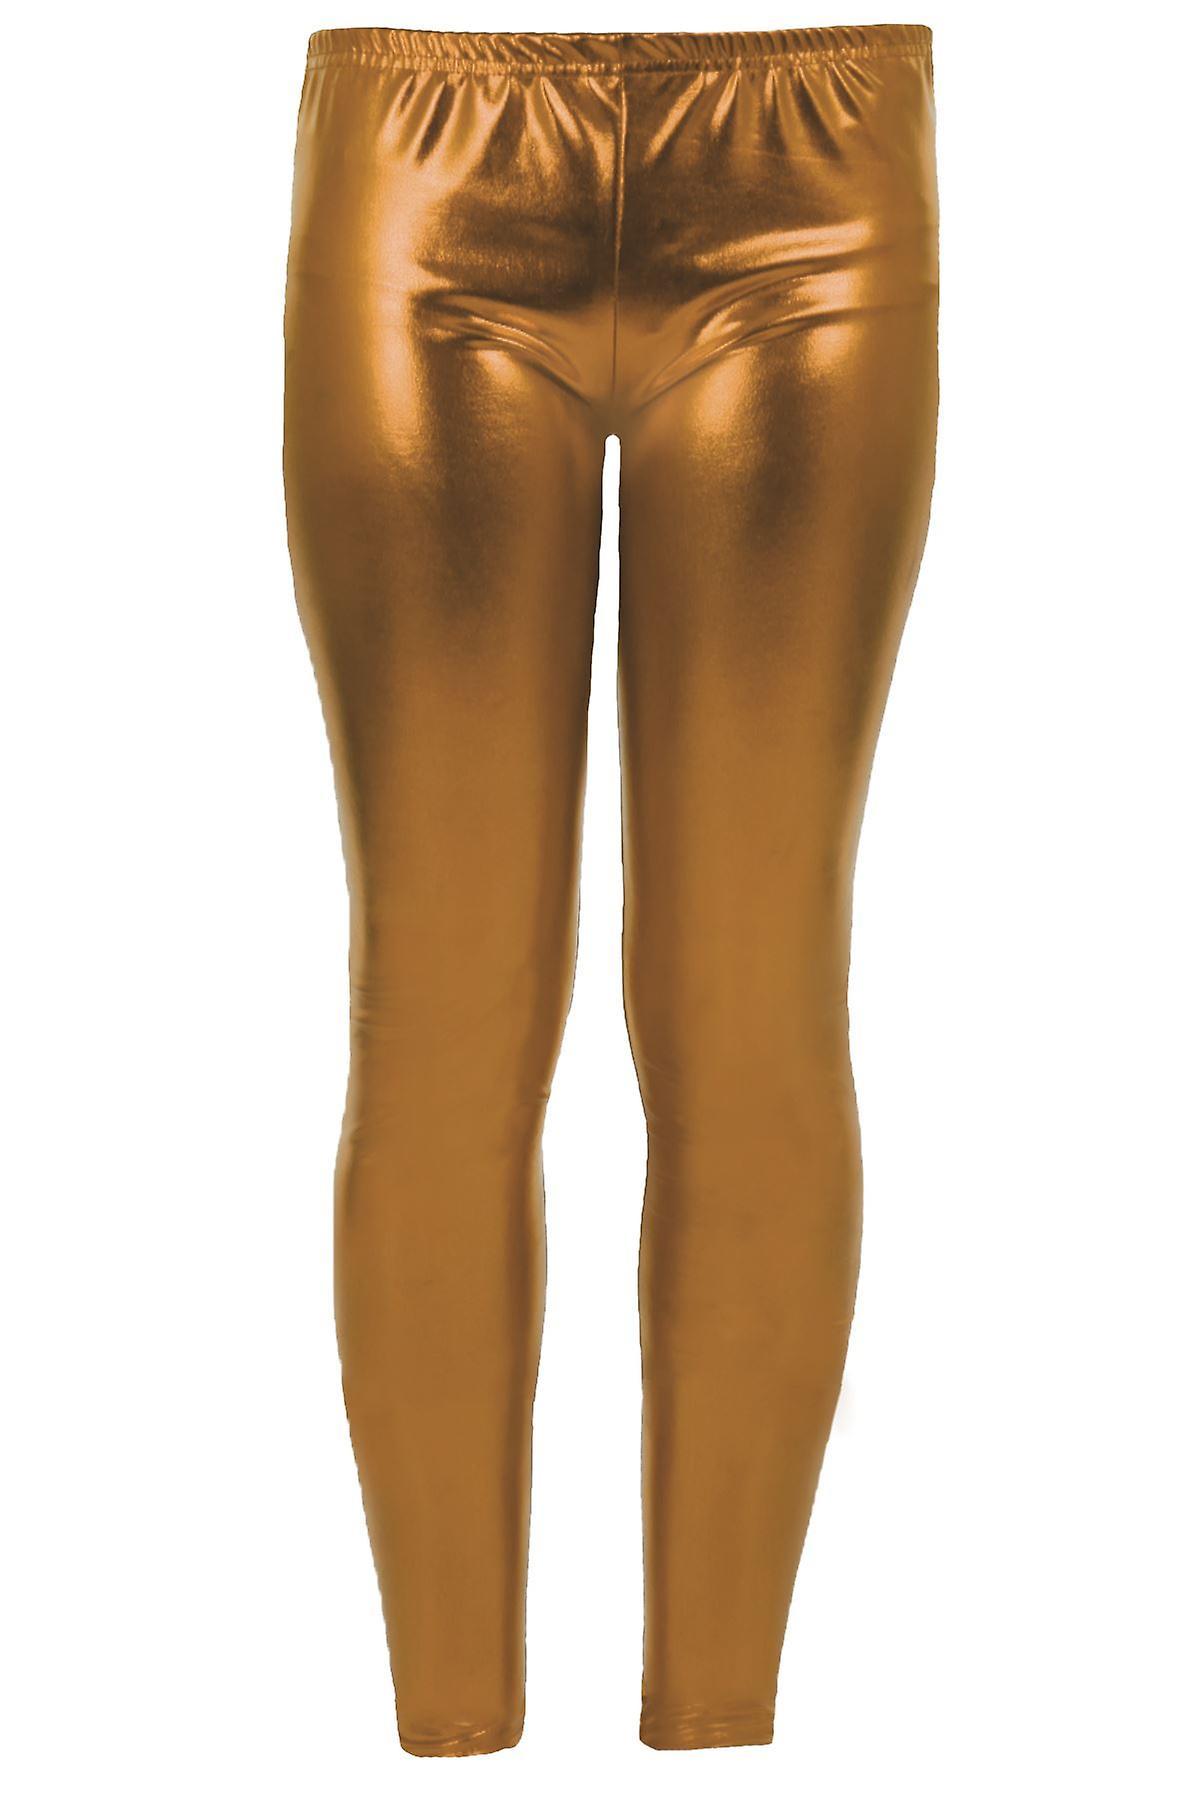 Tytöt lasten metallinen kiiltävä lapset märkä näyttää Footless Party Disco housut säärystimet